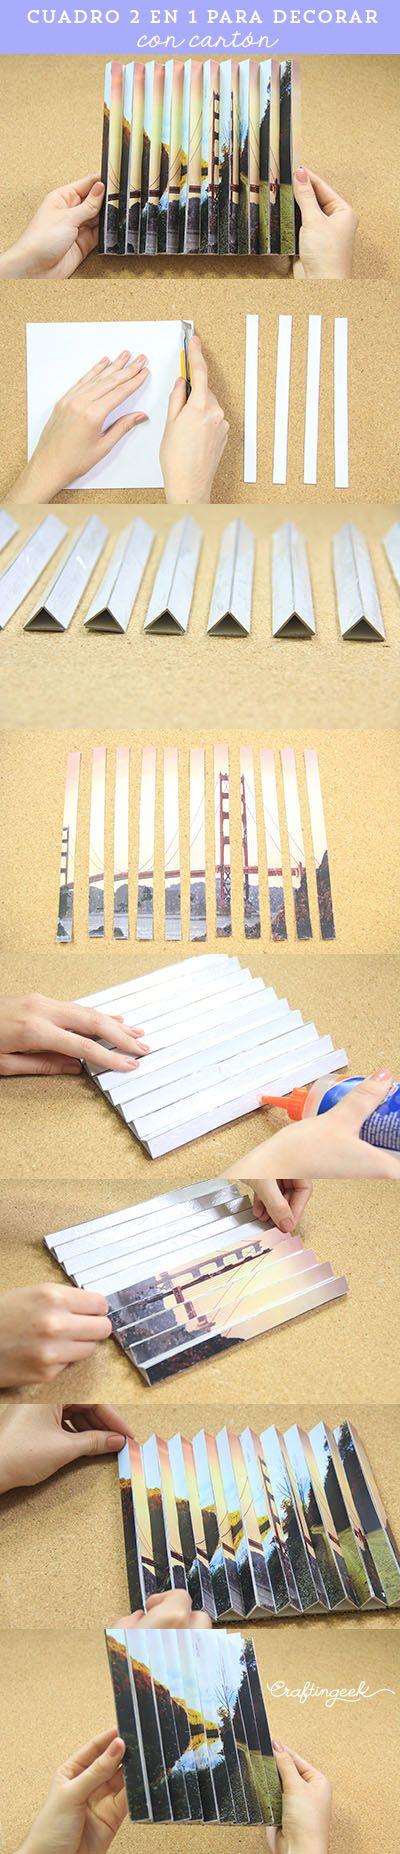 Manualidad con cartón fácil: cuadro doble vista con 2 fotografías.